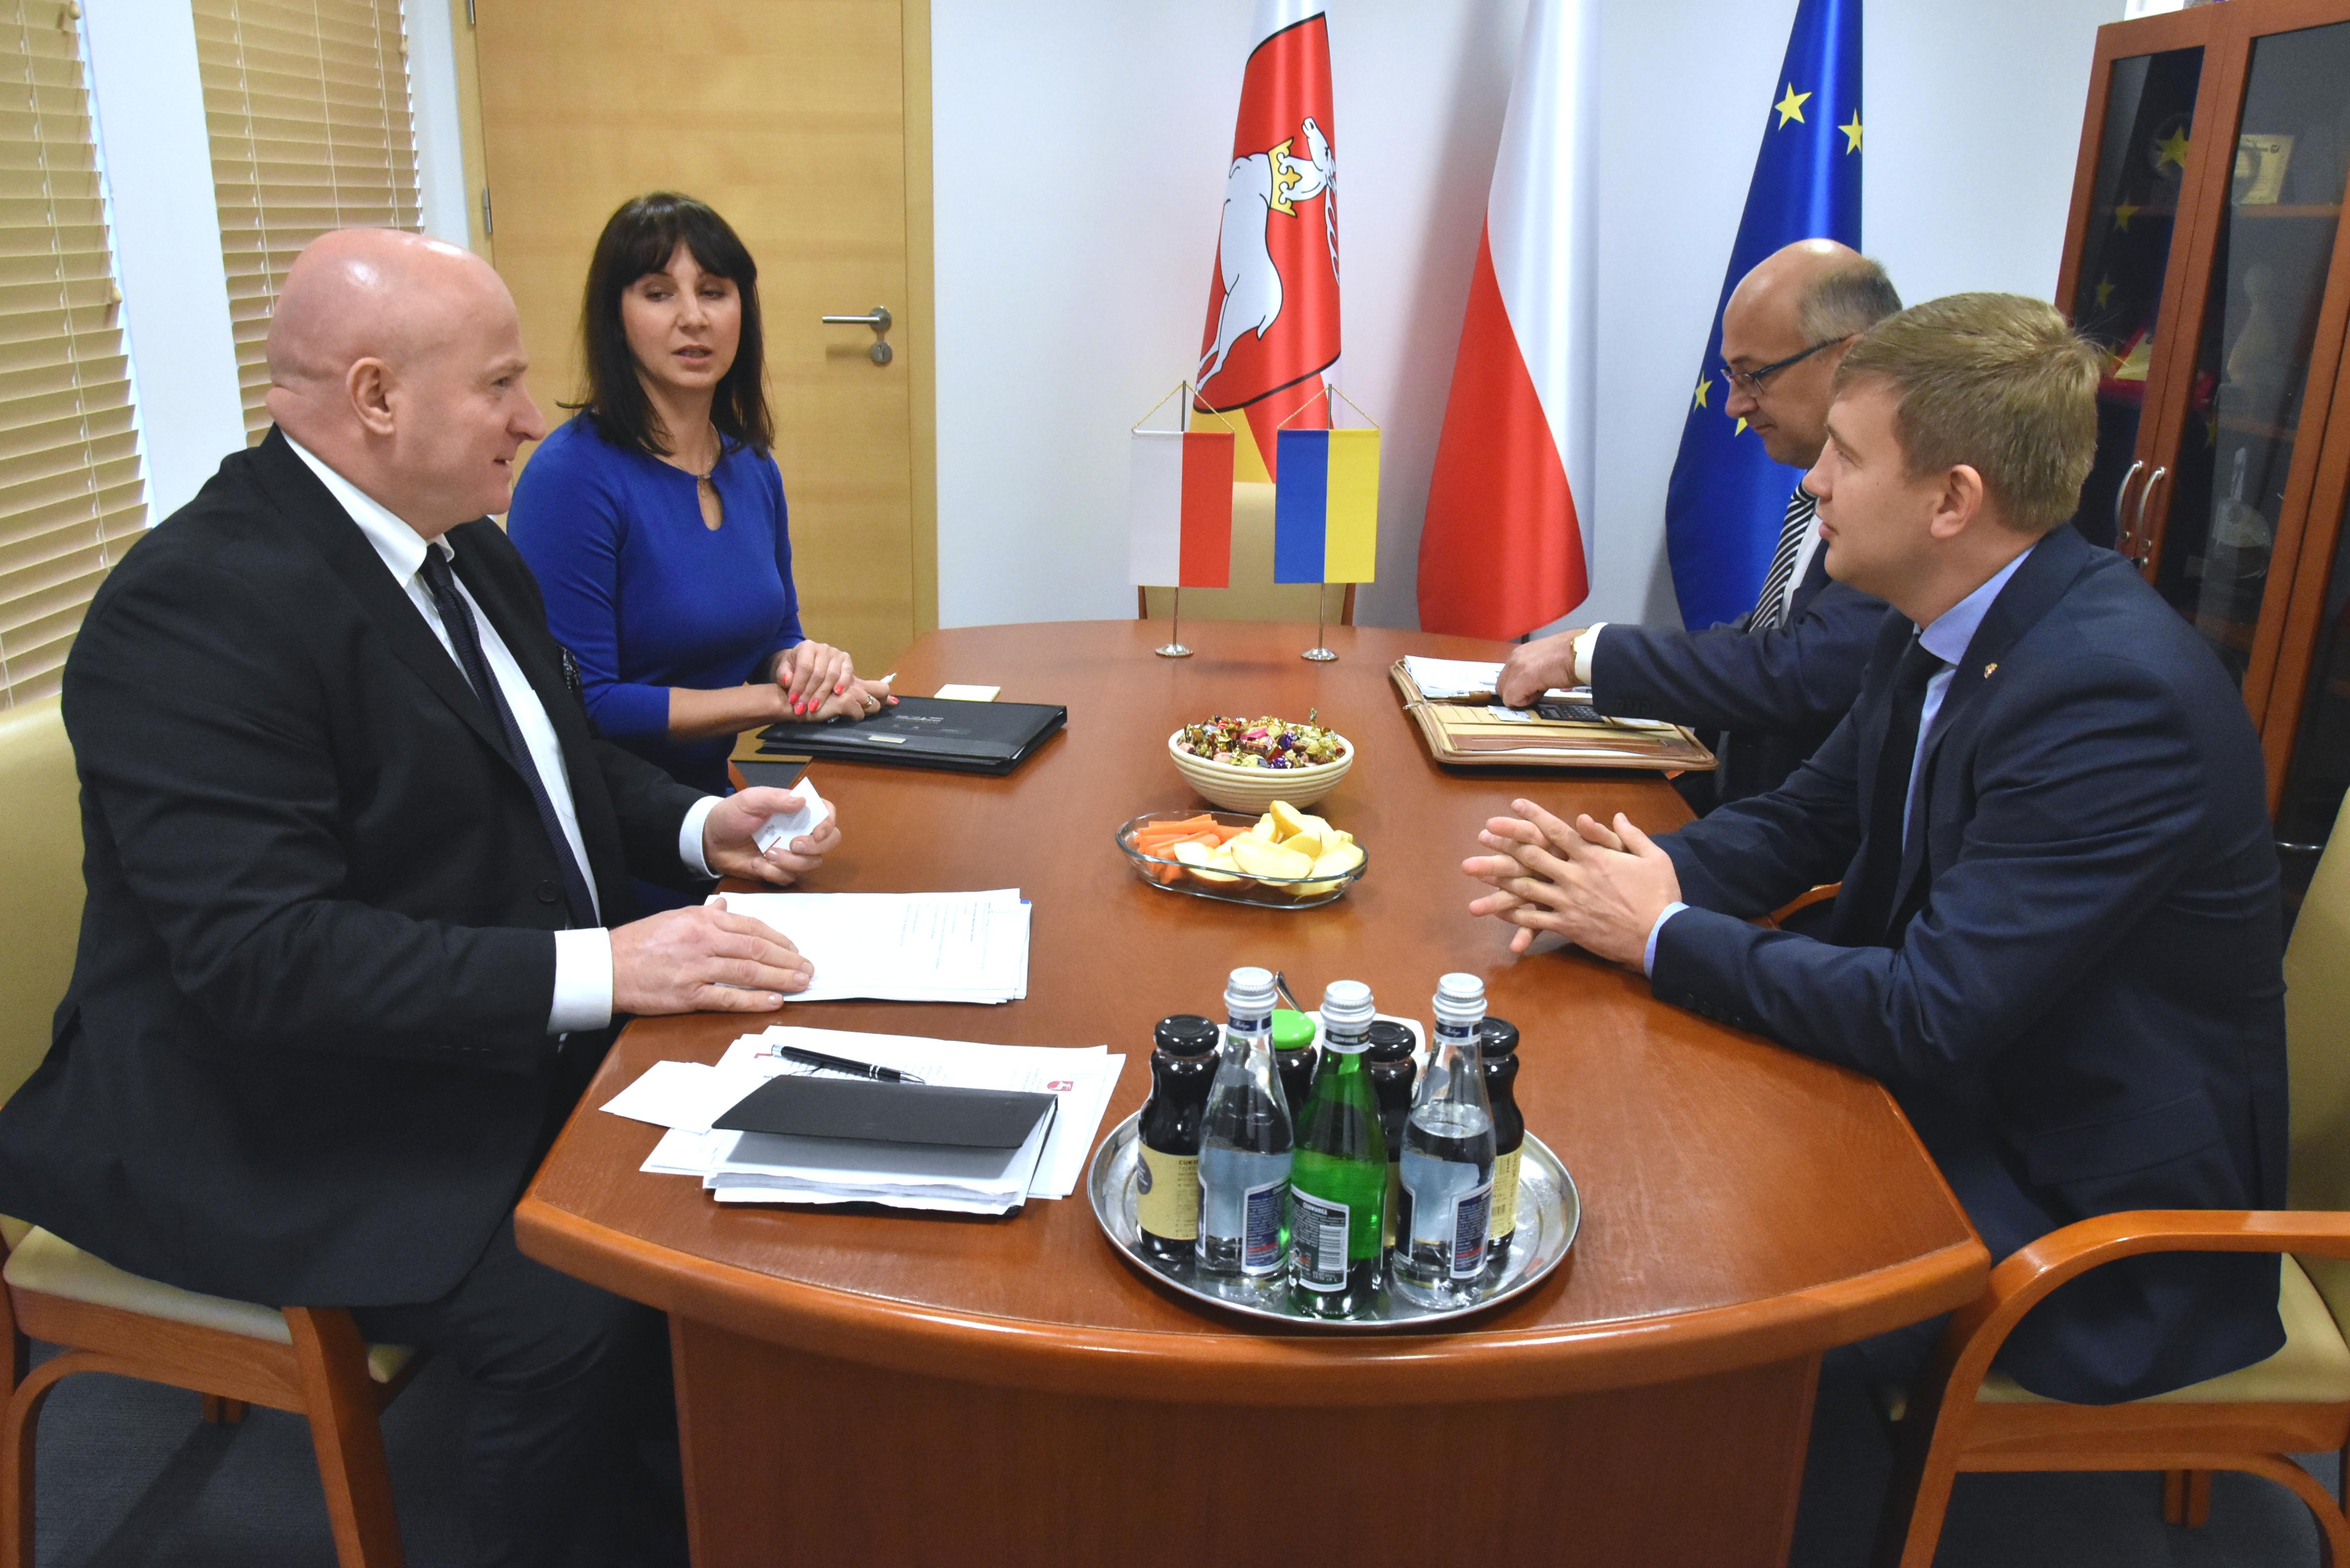 Spotkanie Marszałka Stawiarskiego z Przewodniczącym Rówieńskiej Obwodowej Administracji Państwowej